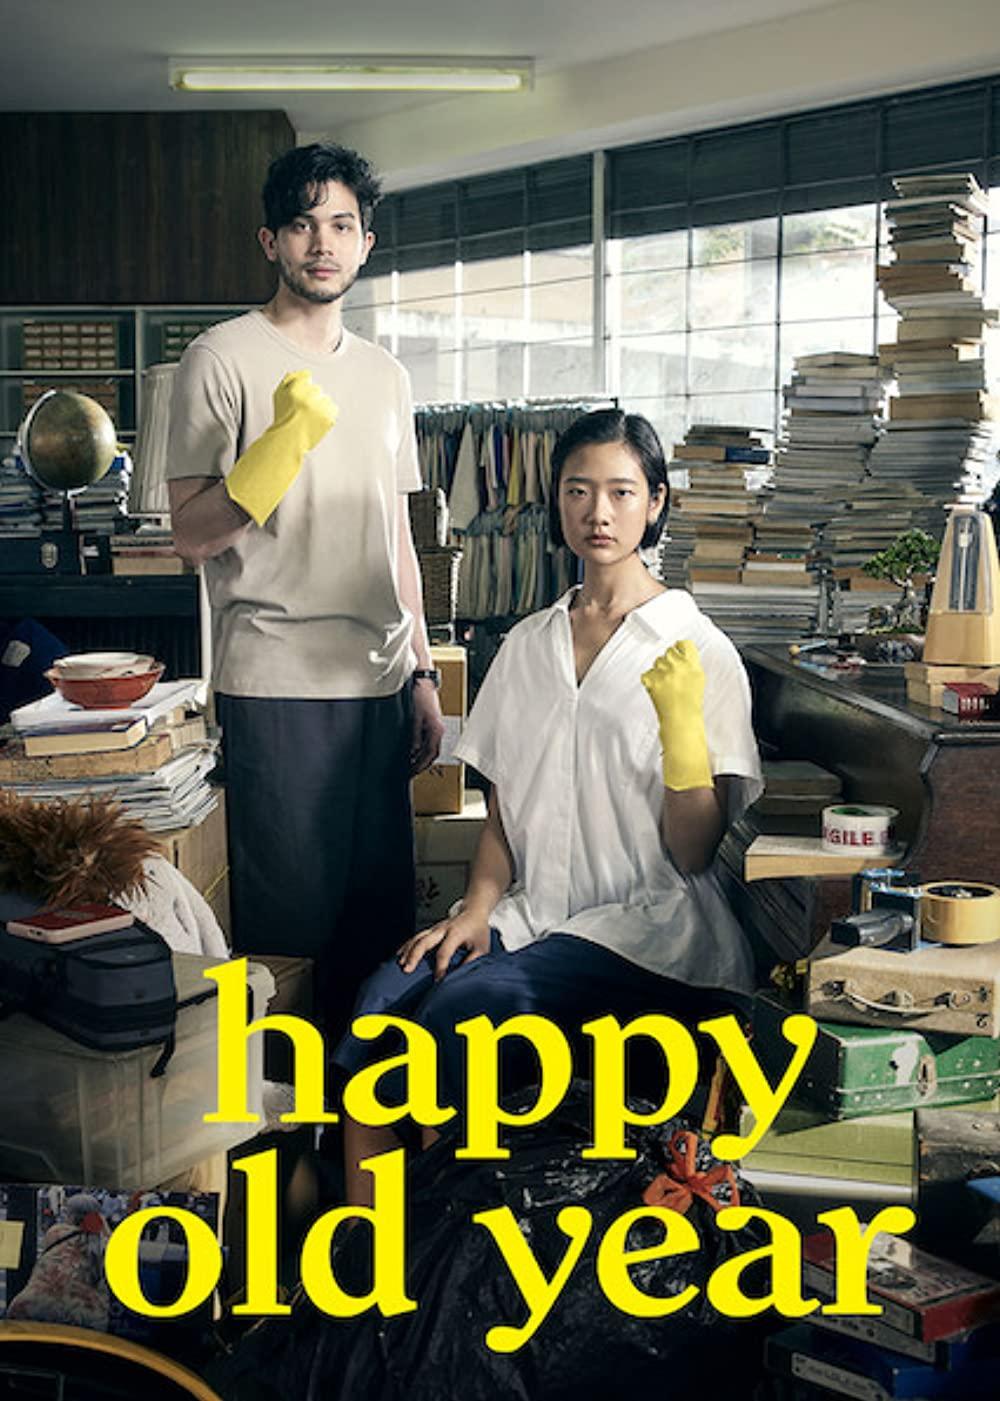 Happy Old Year, filme que merece muito ser visto